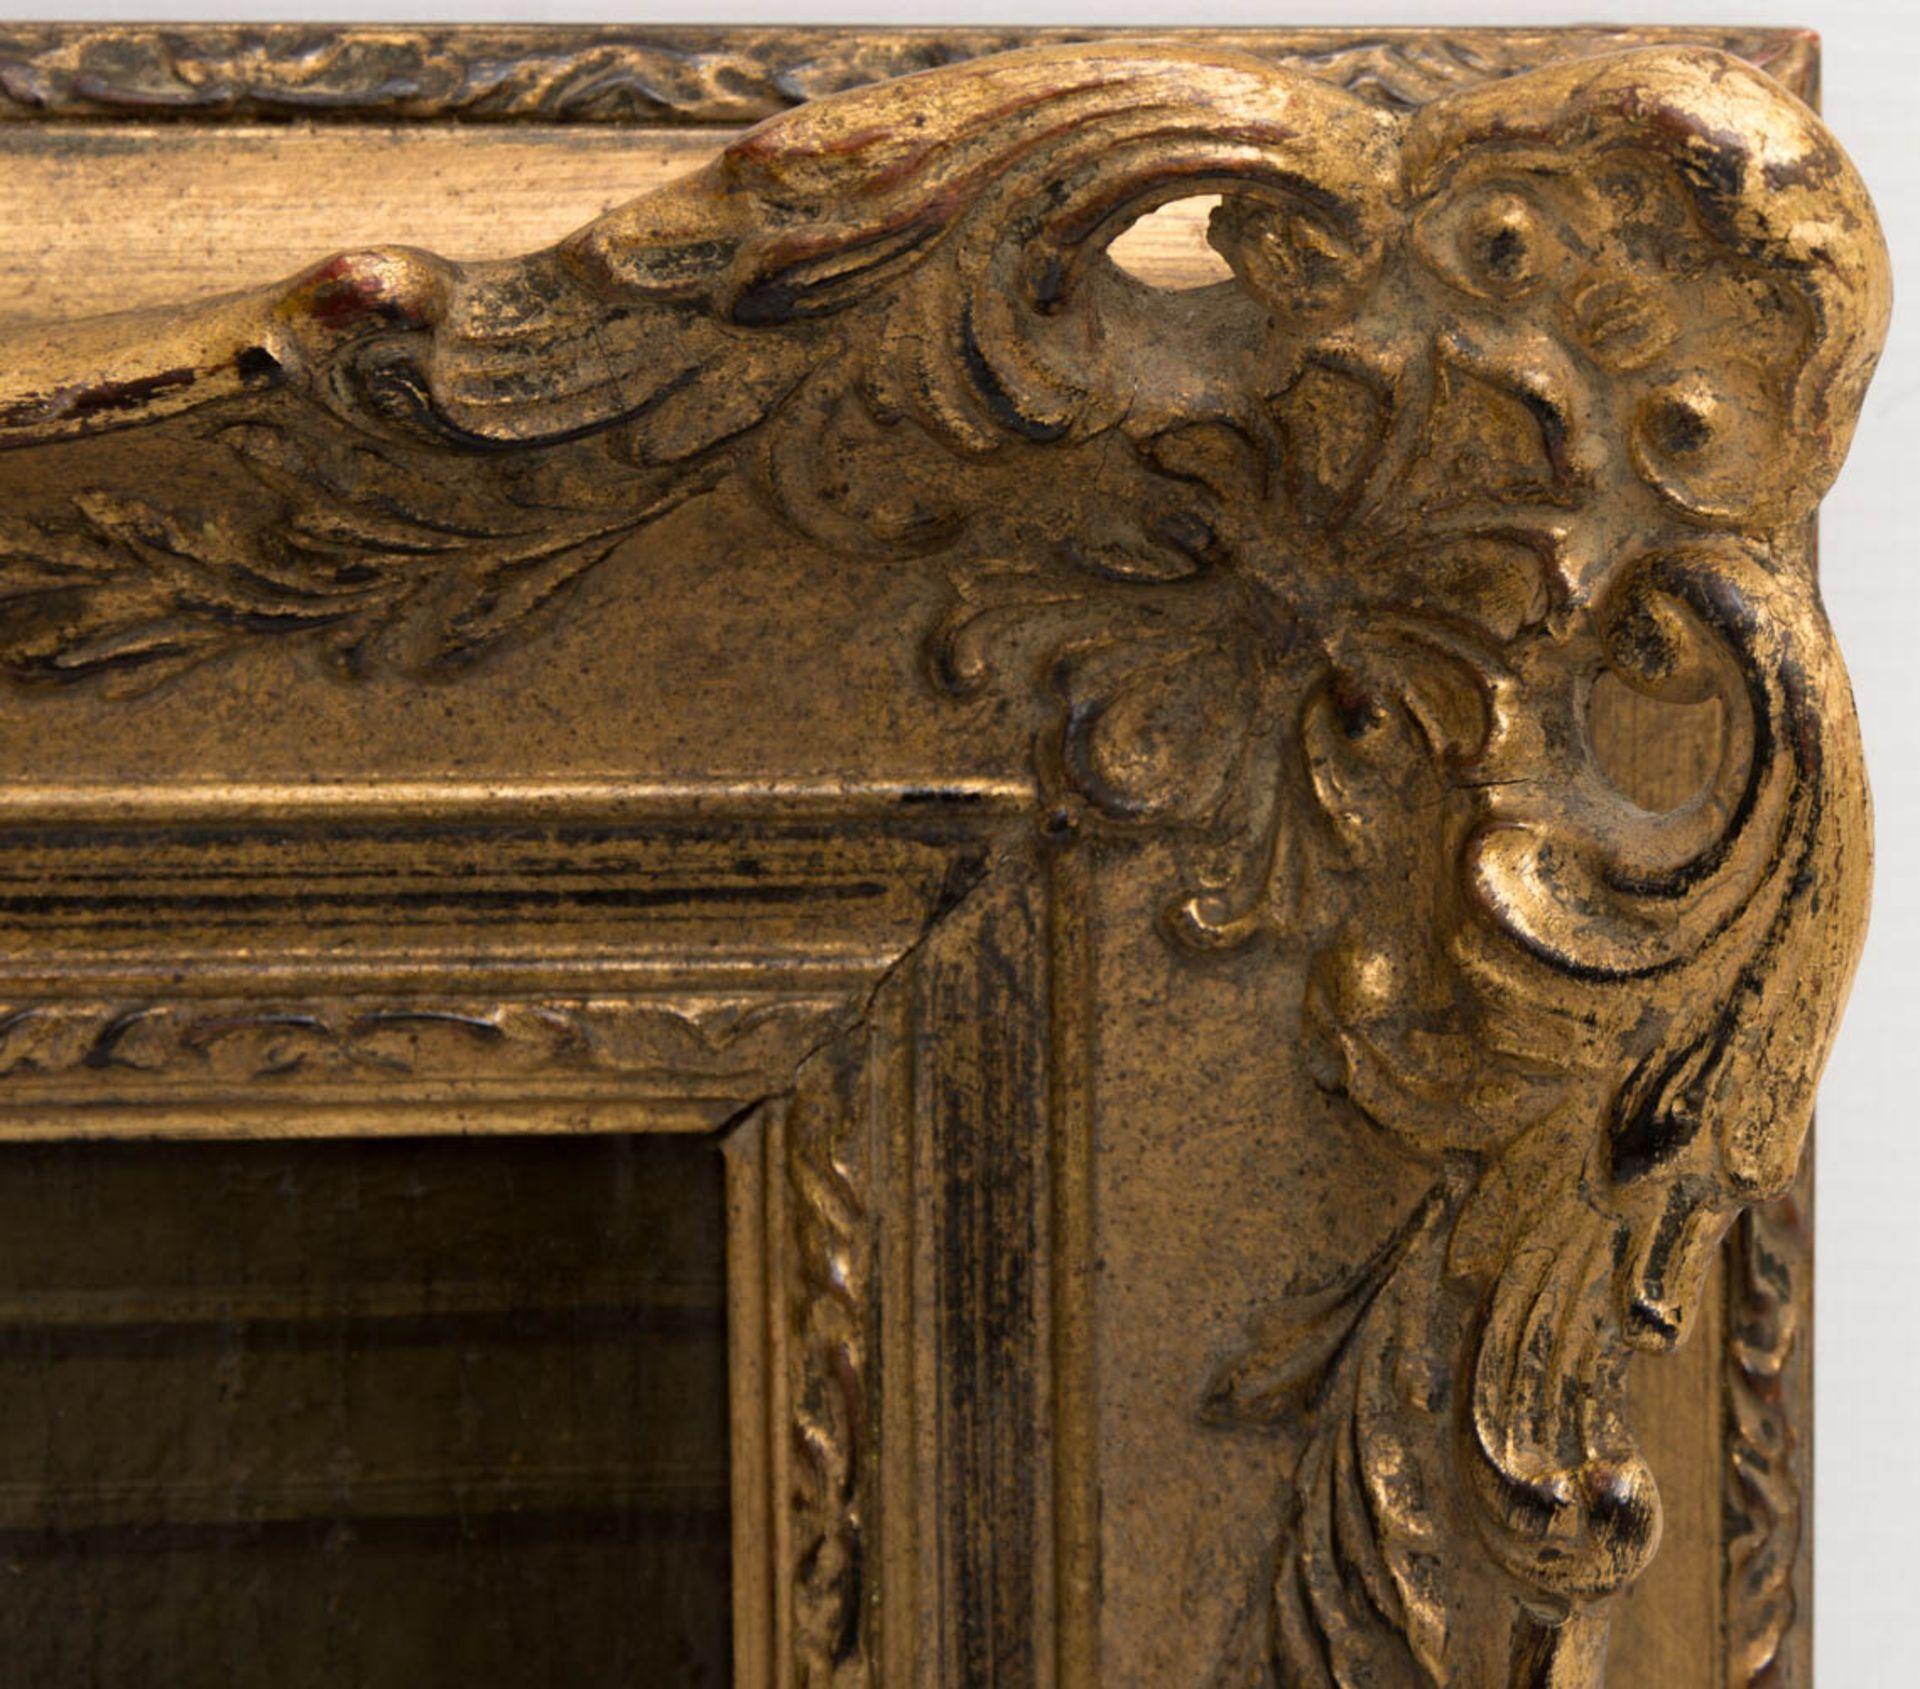 Johann Phillipp Ulbricht, Paar humorvolle Szenen, Öl auf Holz, Mitte 18. Jh. - Bild 12 aus 12